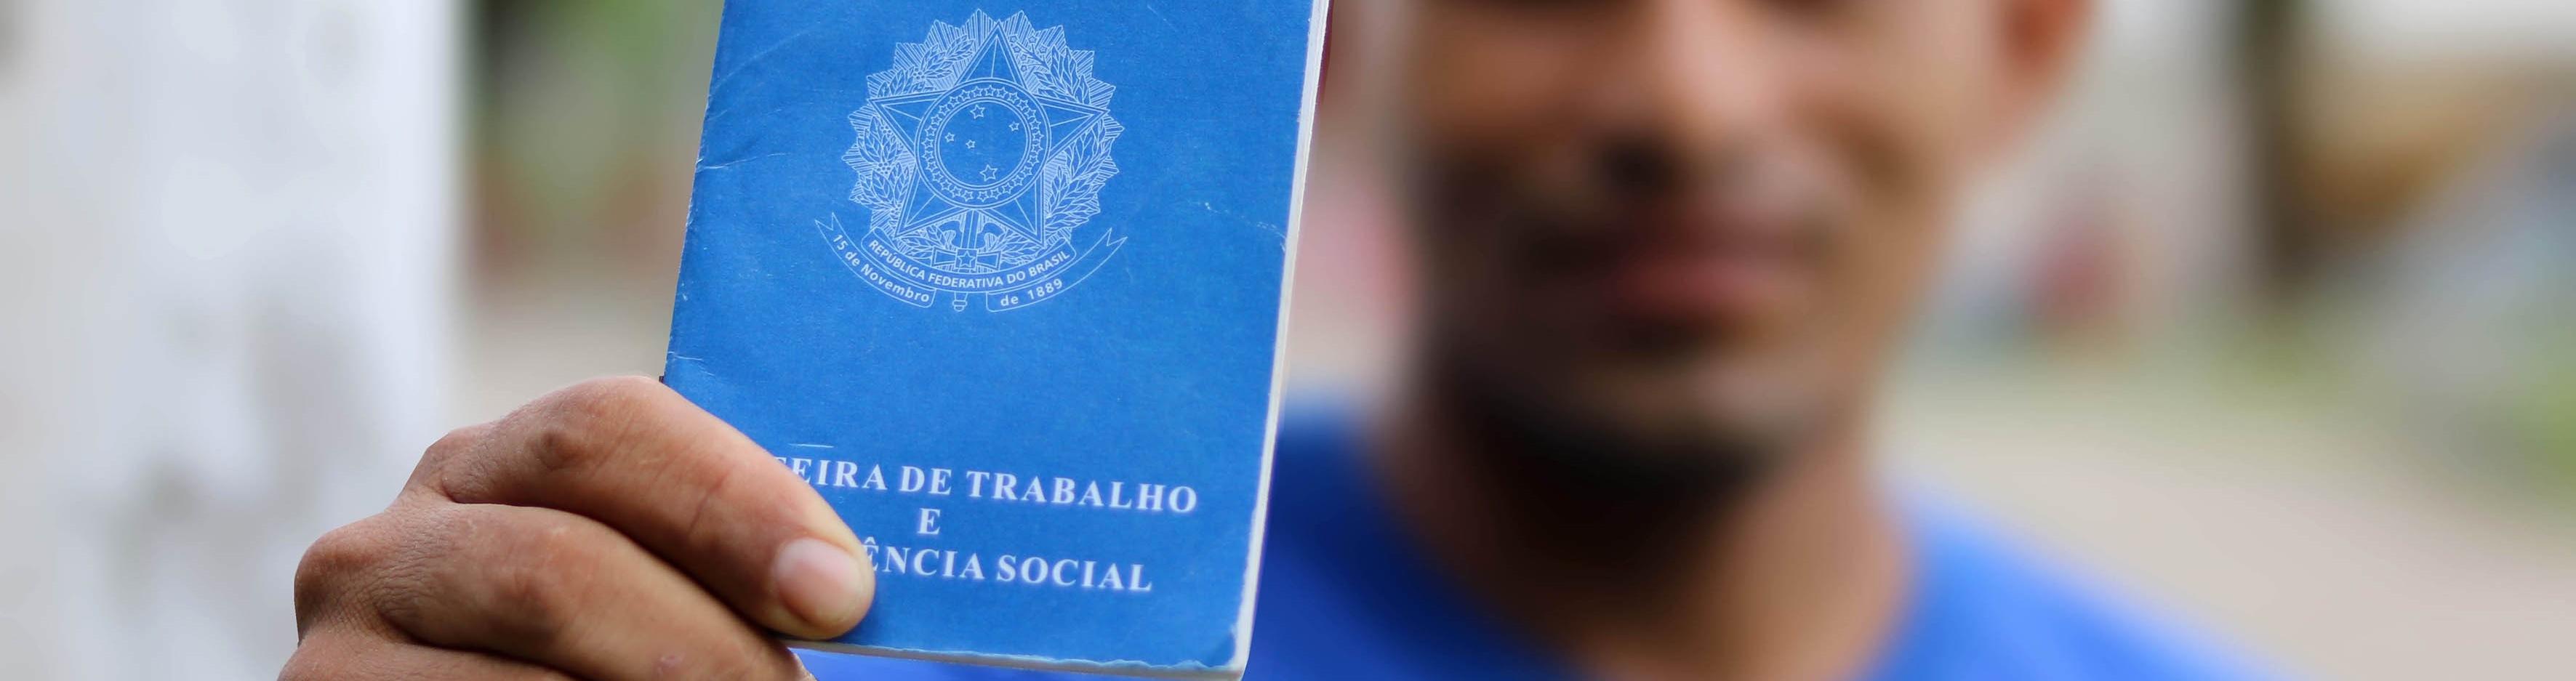 Alfredo Matos/Governo do Pará